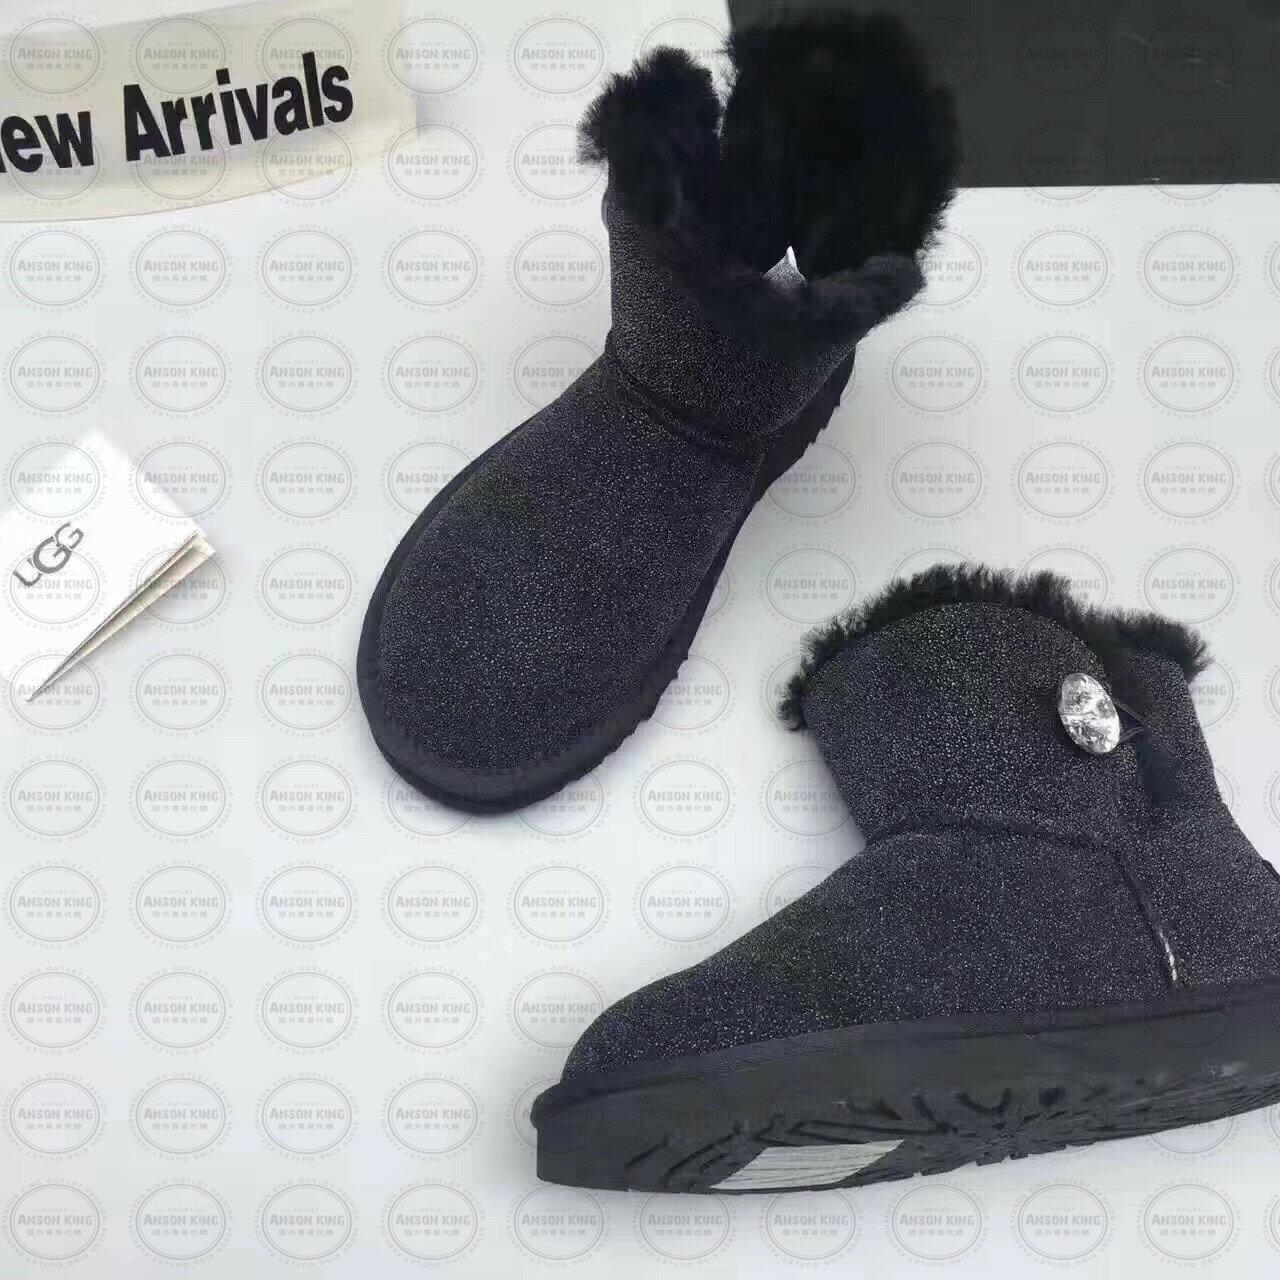 OUTLET正品代購 澳洲 UGG 明星同款水晶扣短靴 保暖 真皮羊皮毛 雪靴 短靴 藍色 0